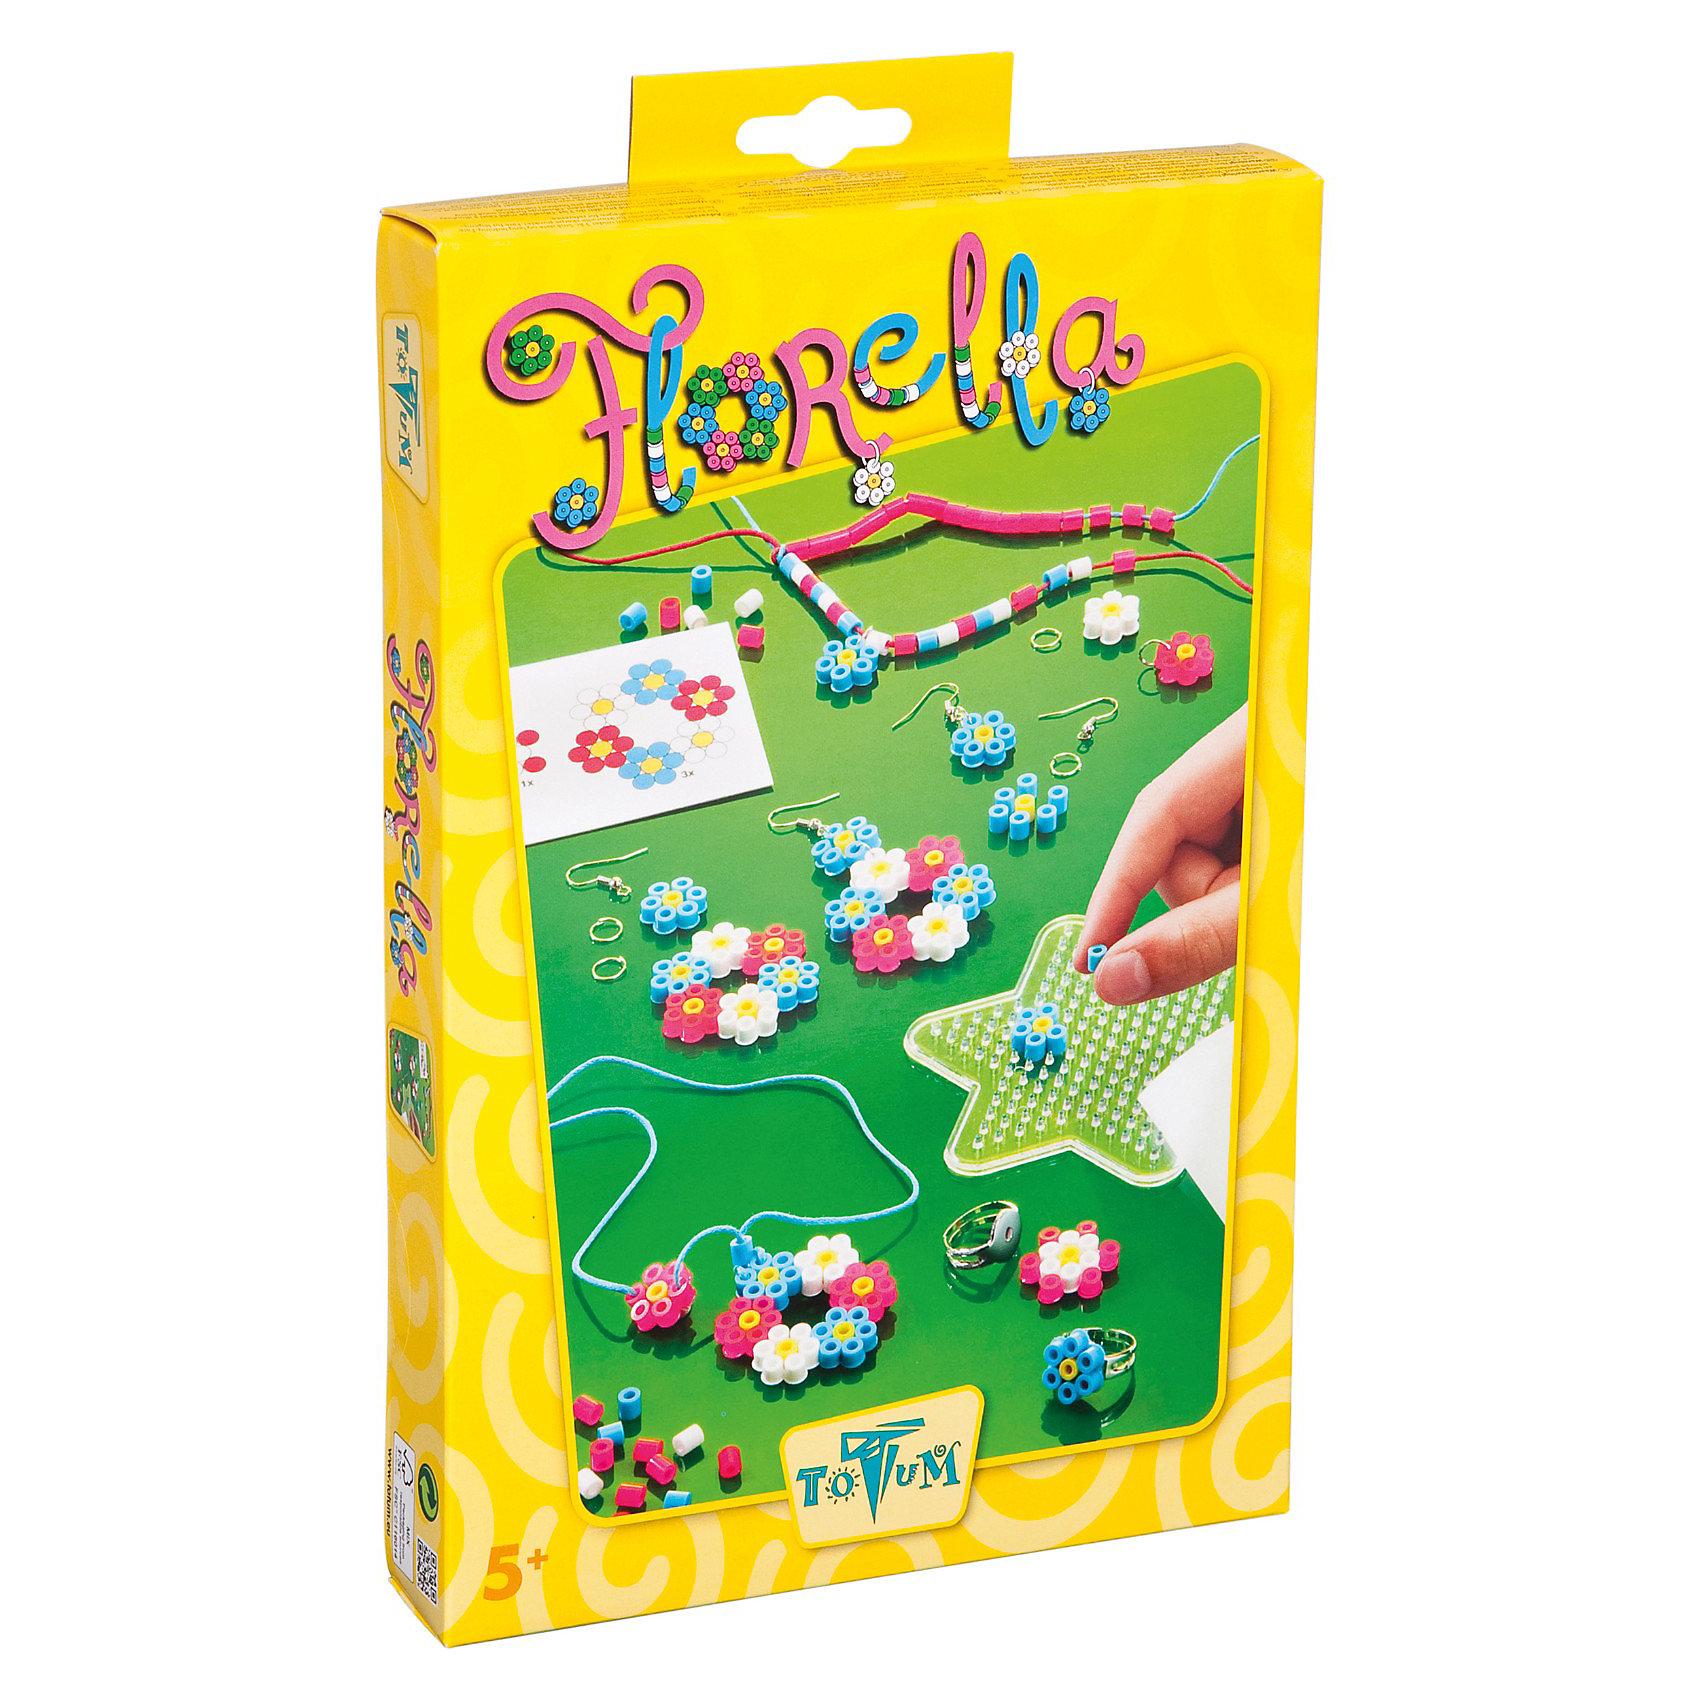 Набор для творчества ЦветыНабор для творчества Florella позволит вам создать множество украшений из термомозаики в виде цветов. Наборы для творчества - один из самых увлекательных способов развить мелкую моторику рук, фантазию, воображение и проявить творческие способности ребенка.<br><br>Дополнительная информация:<br><br>- Материал: пластик, металл, воск, бумага, текстиль.<br>- Комплектация: наборное поле, 4 сережки, 2 кольца, металлические колечки, разноцветная термомозаика, синий восковой шнур, розовый восковой шнур, двусторонняя лента, бумага для термомозаики, иголка для бисера, инструкция.<br>- Размер упаковки: 27х18 см.<br><br>Набор для творчества Цветы можно купить в нашем магазине.<br><br>Ширина мм: 285<br>Глубина мм: 189<br>Высота мм: 40<br>Вес г: 174<br>Возраст от месяцев: 60<br>Возраст до месяцев: 120<br>Пол: Женский<br>Возраст: Детский<br>SKU: 3567502